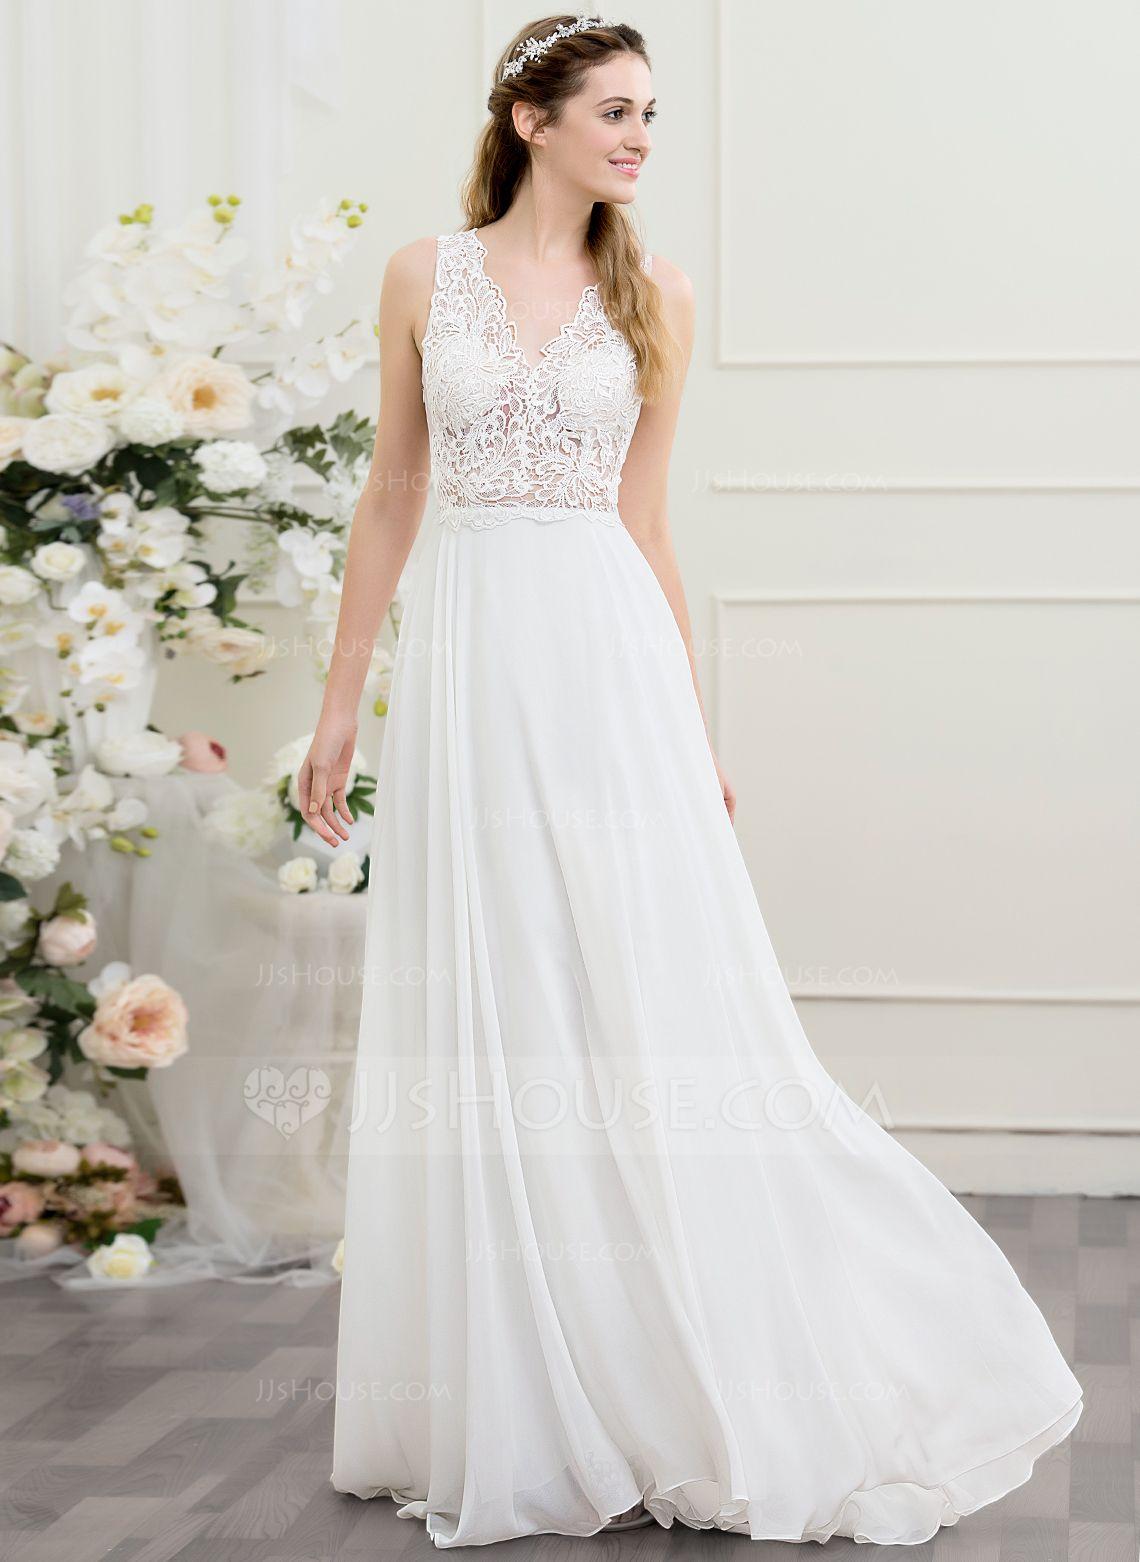 Jjshouse vestidos de novia direccion